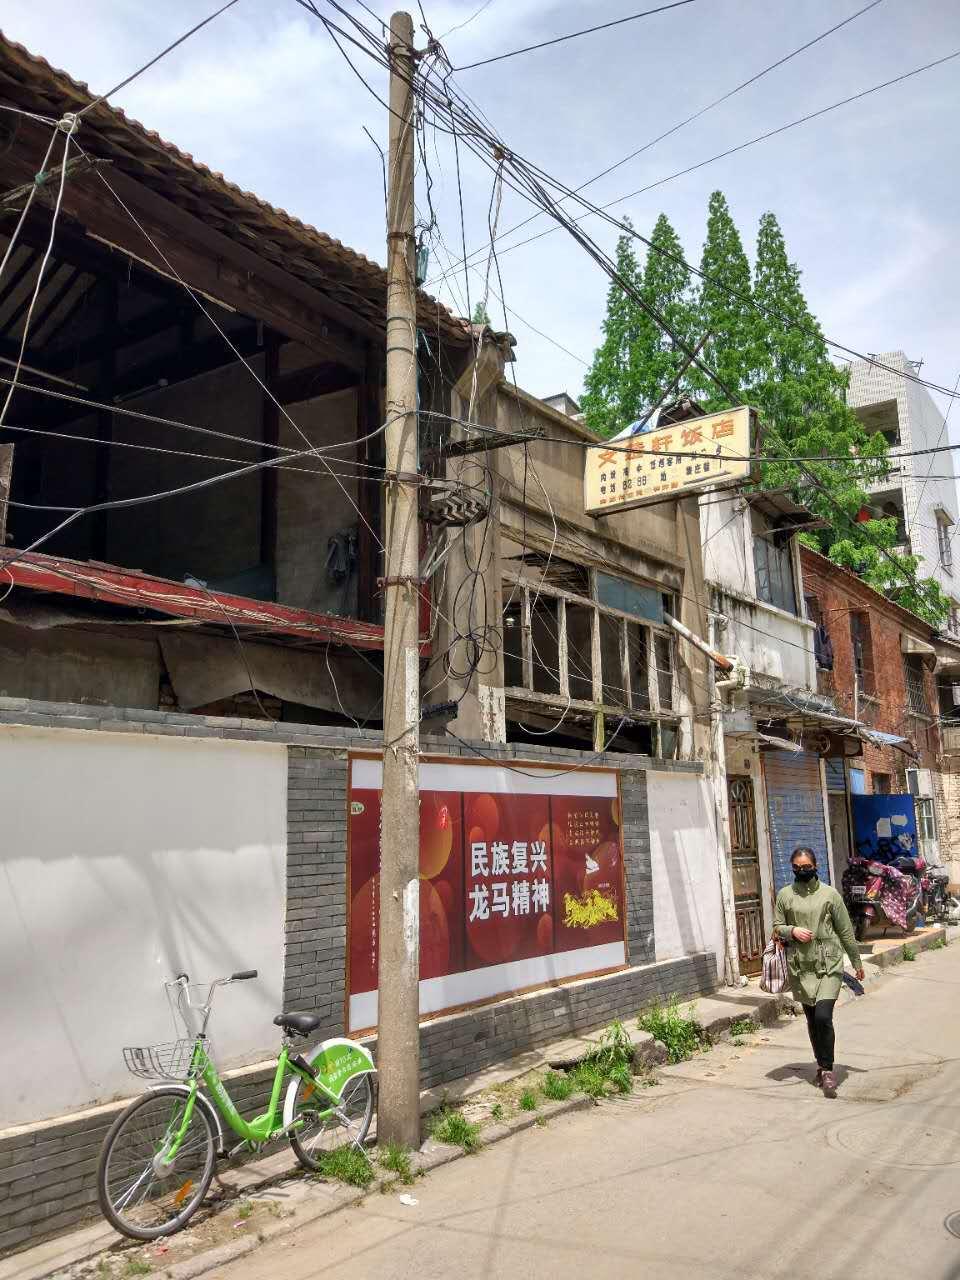 川藏线自驾游攻略:这条被遗忘的千年古巷竟藏着老南京人